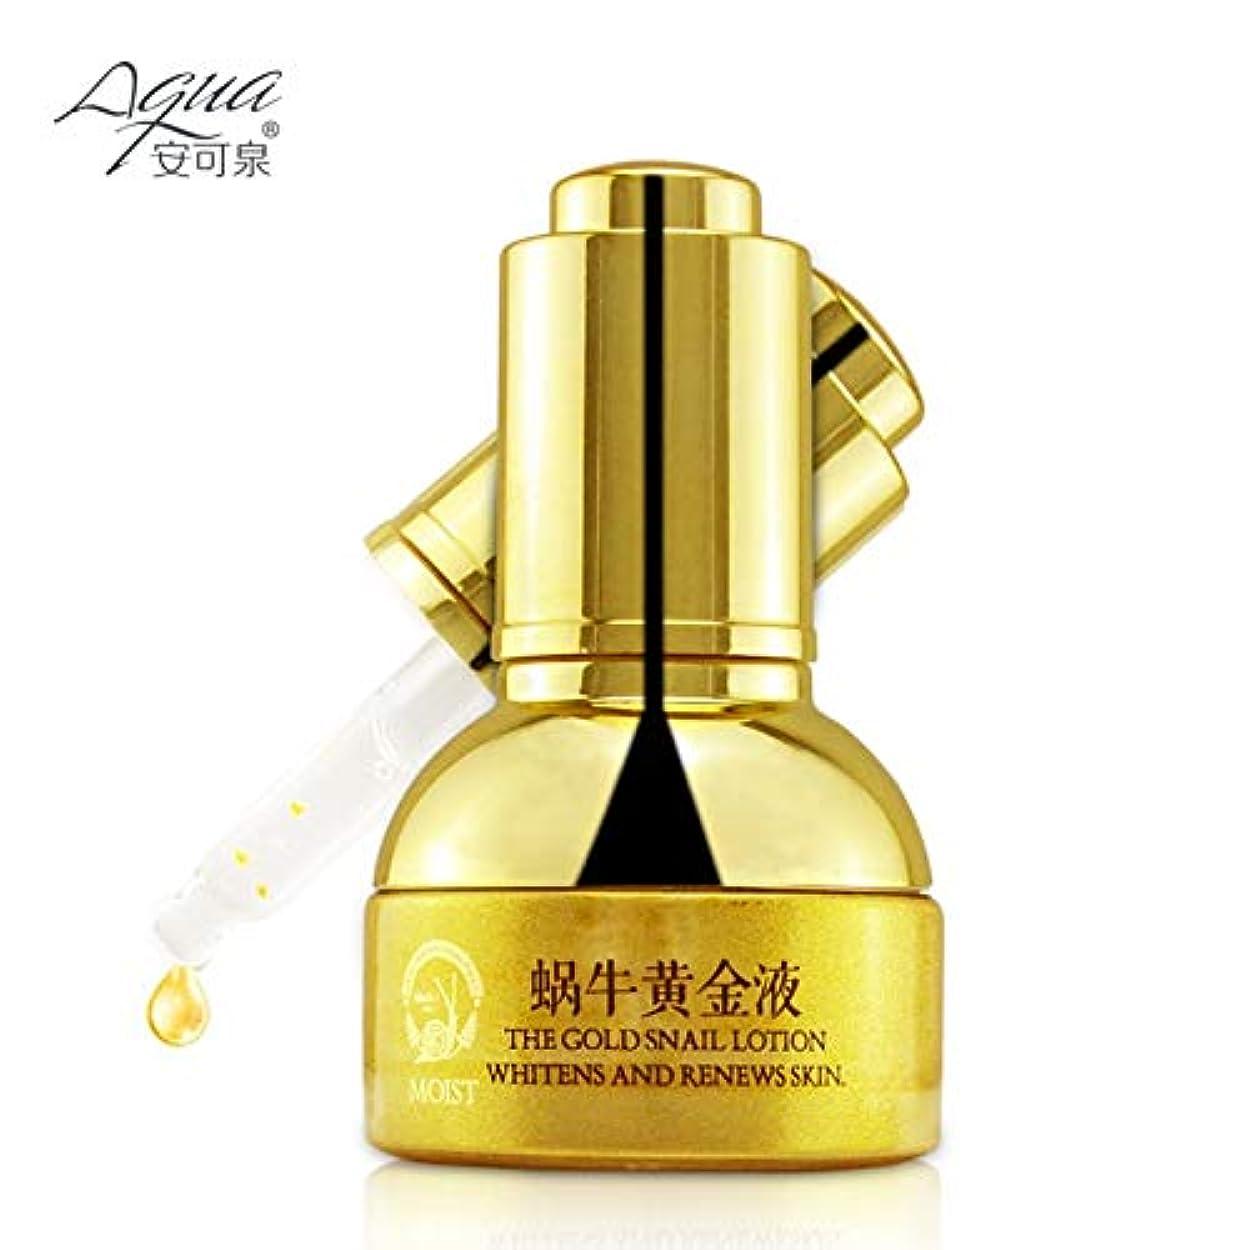 カリングパンツ組み合わせるケアカタツムリエッセンスデイクリームアンチリンクルフェイスコラーゲン寧保湿性液体の美し熱い販売:中国